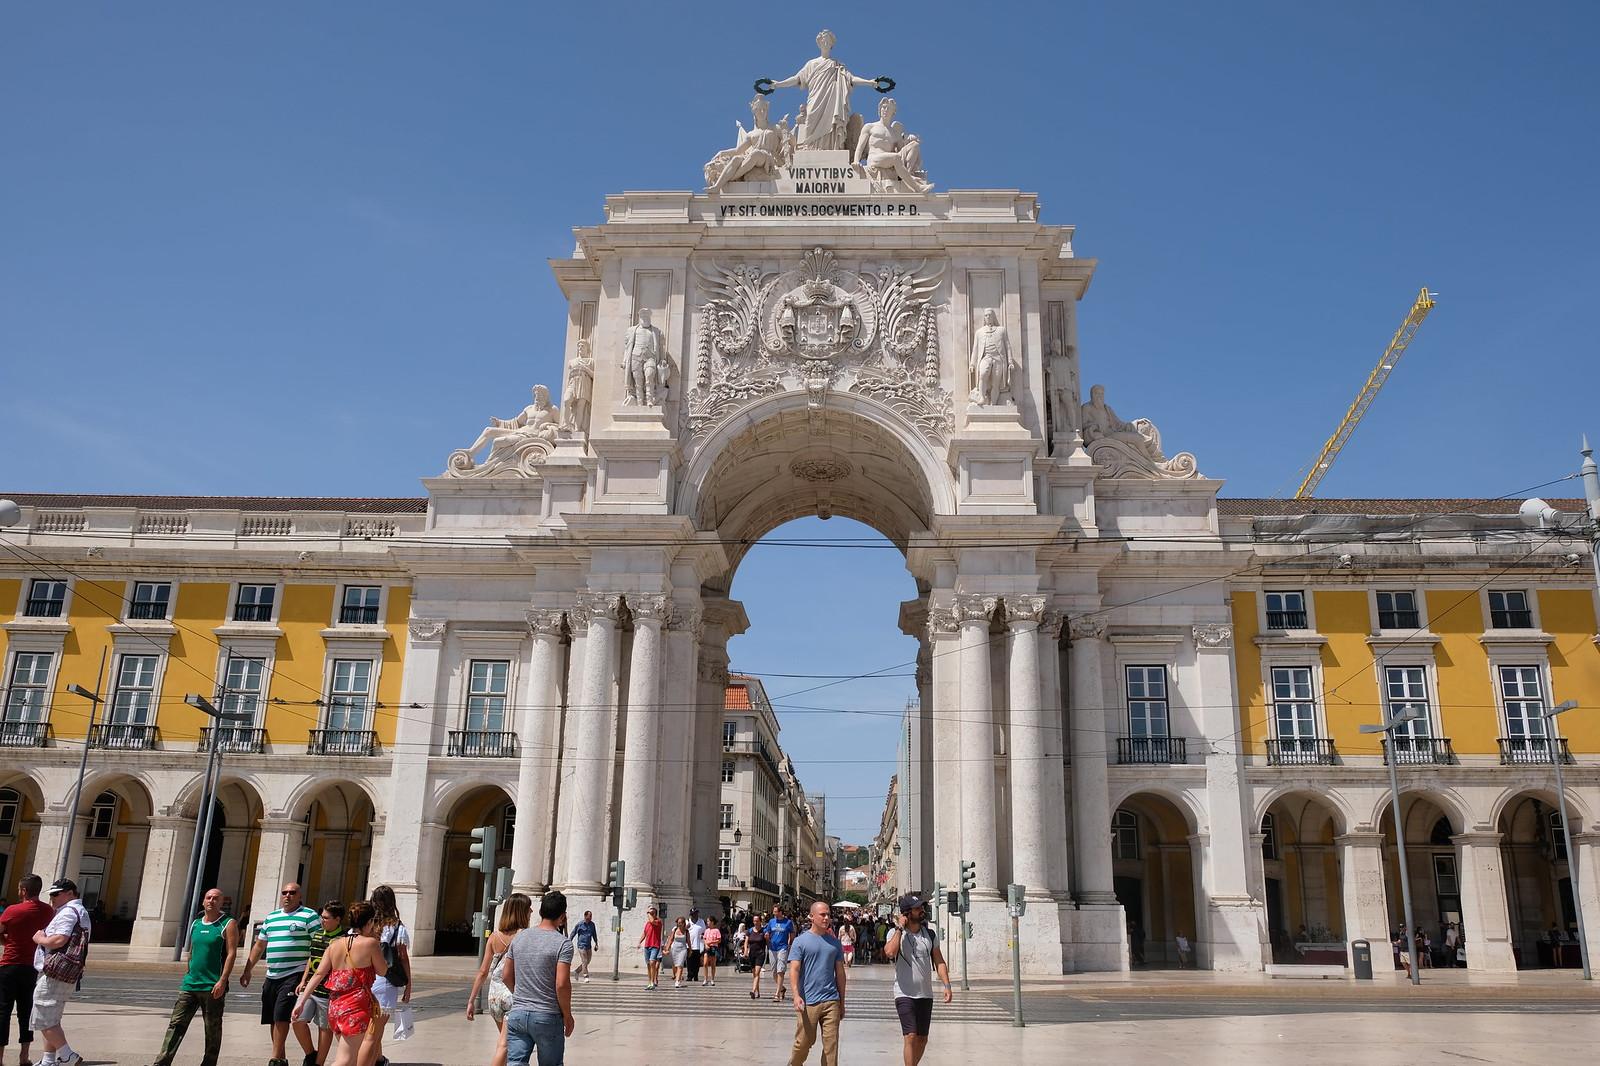 Comercio Square